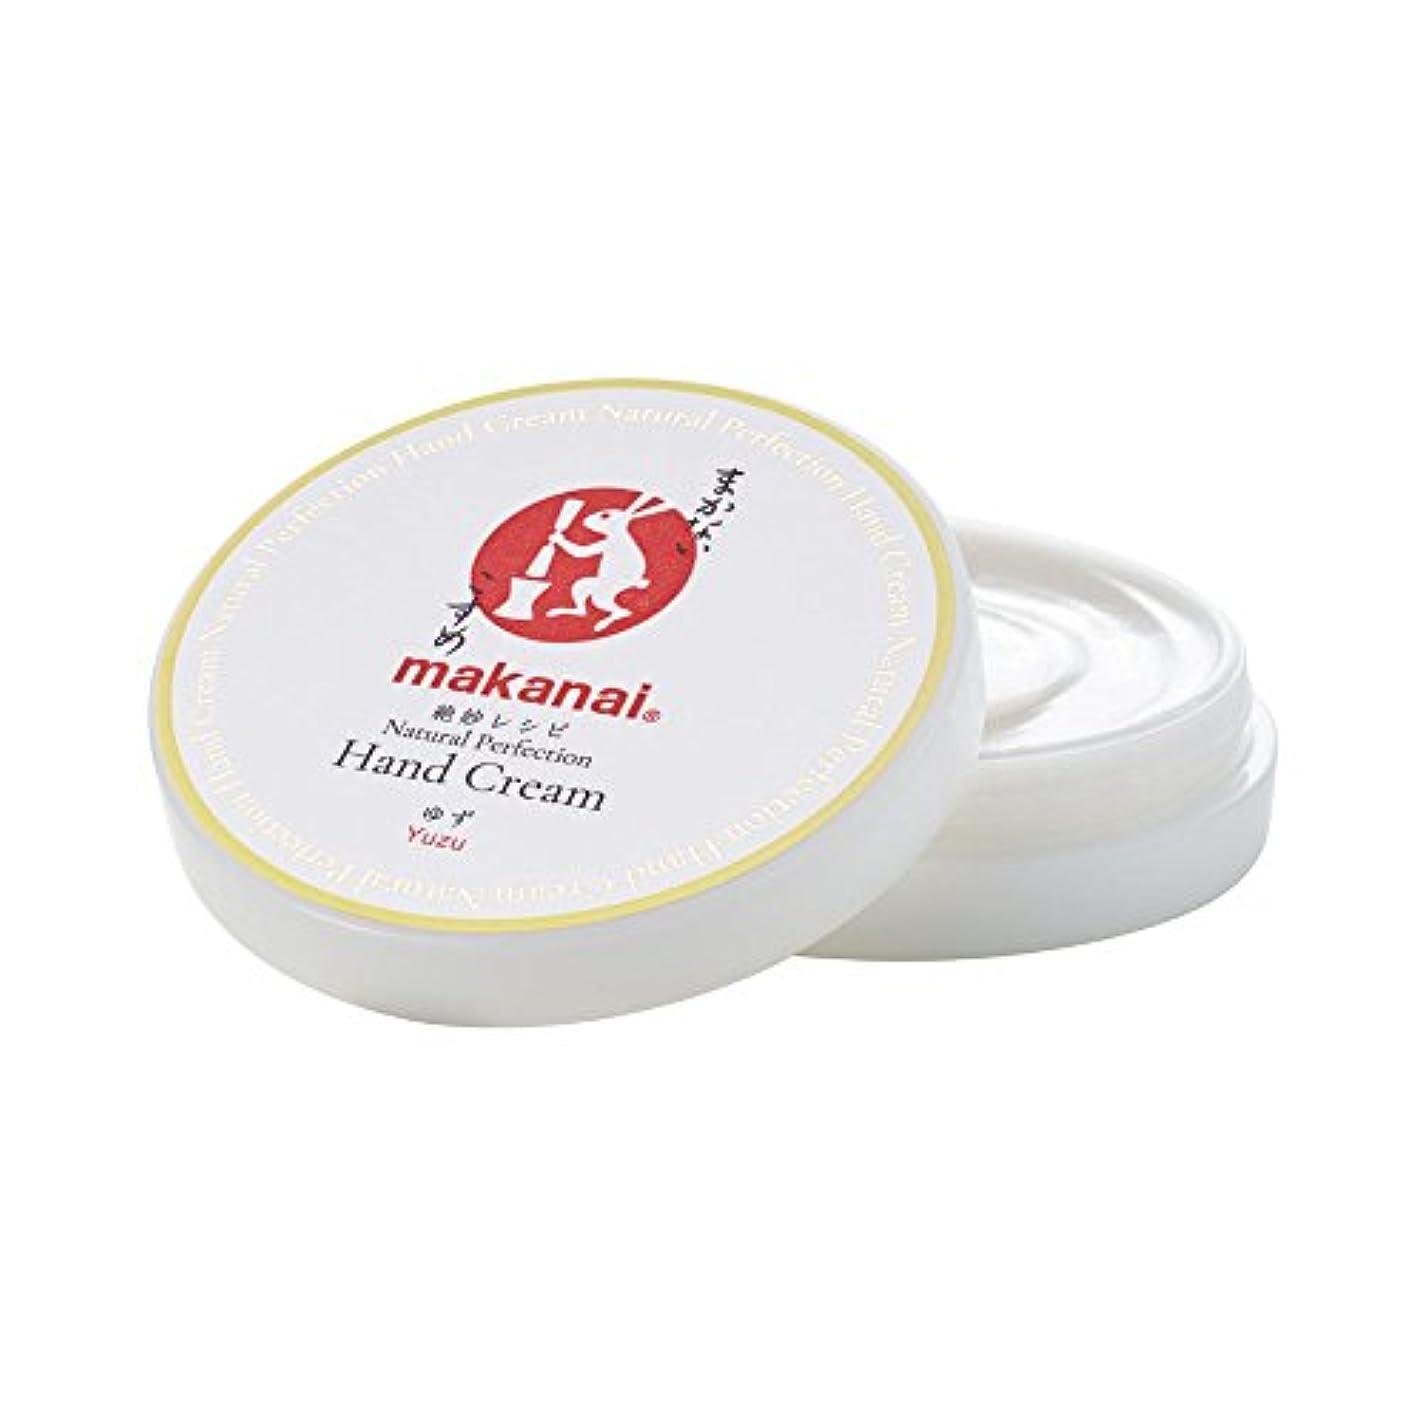 領収書便宜バズまかないこすめ 絶妙レシピのハンドクリーム(ゆずの香り)30g